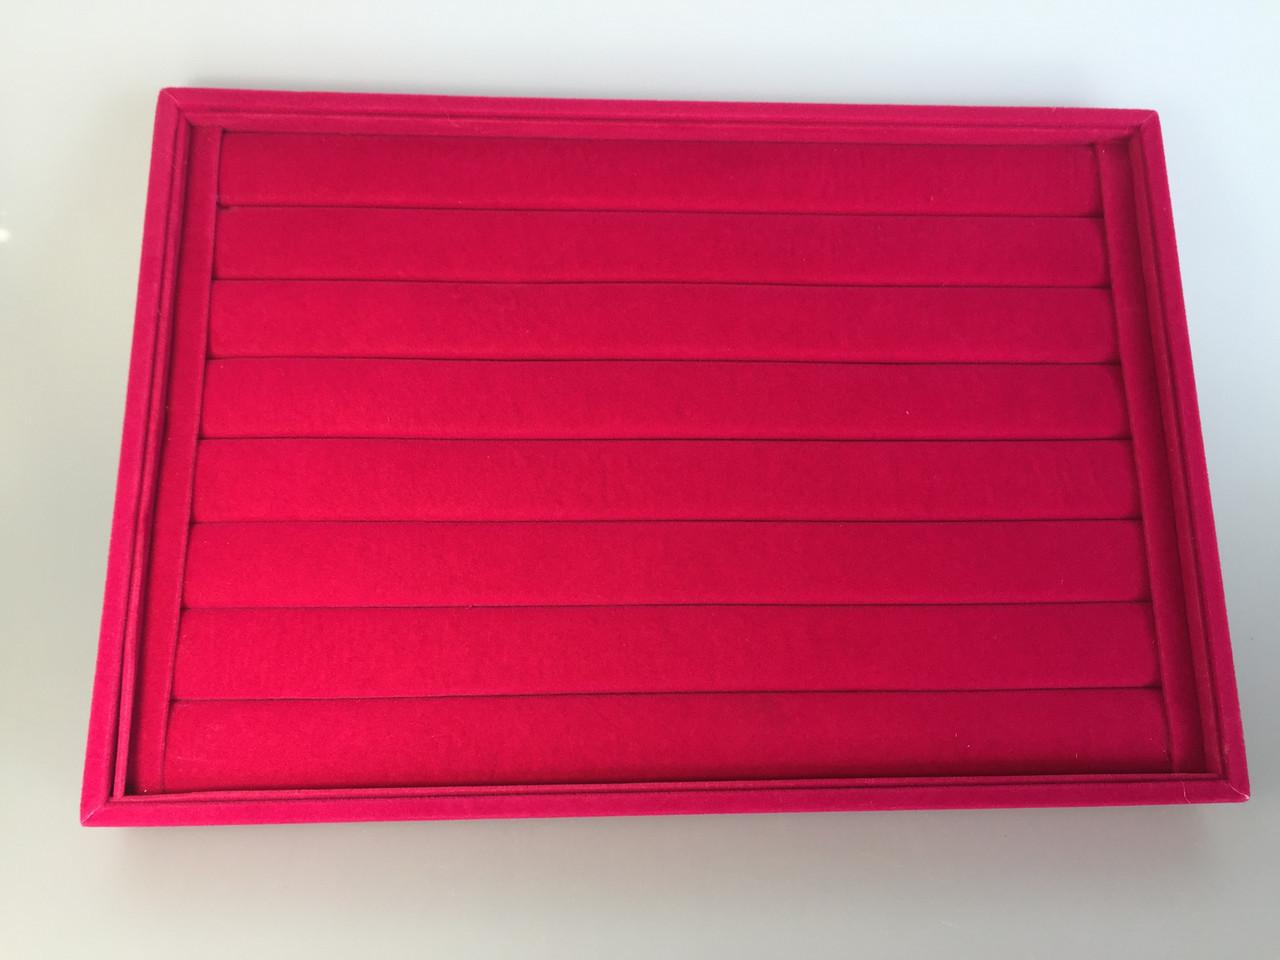 Демонстрационный планшет для ювелирных изделий и бижутерии @oborudovaniecom